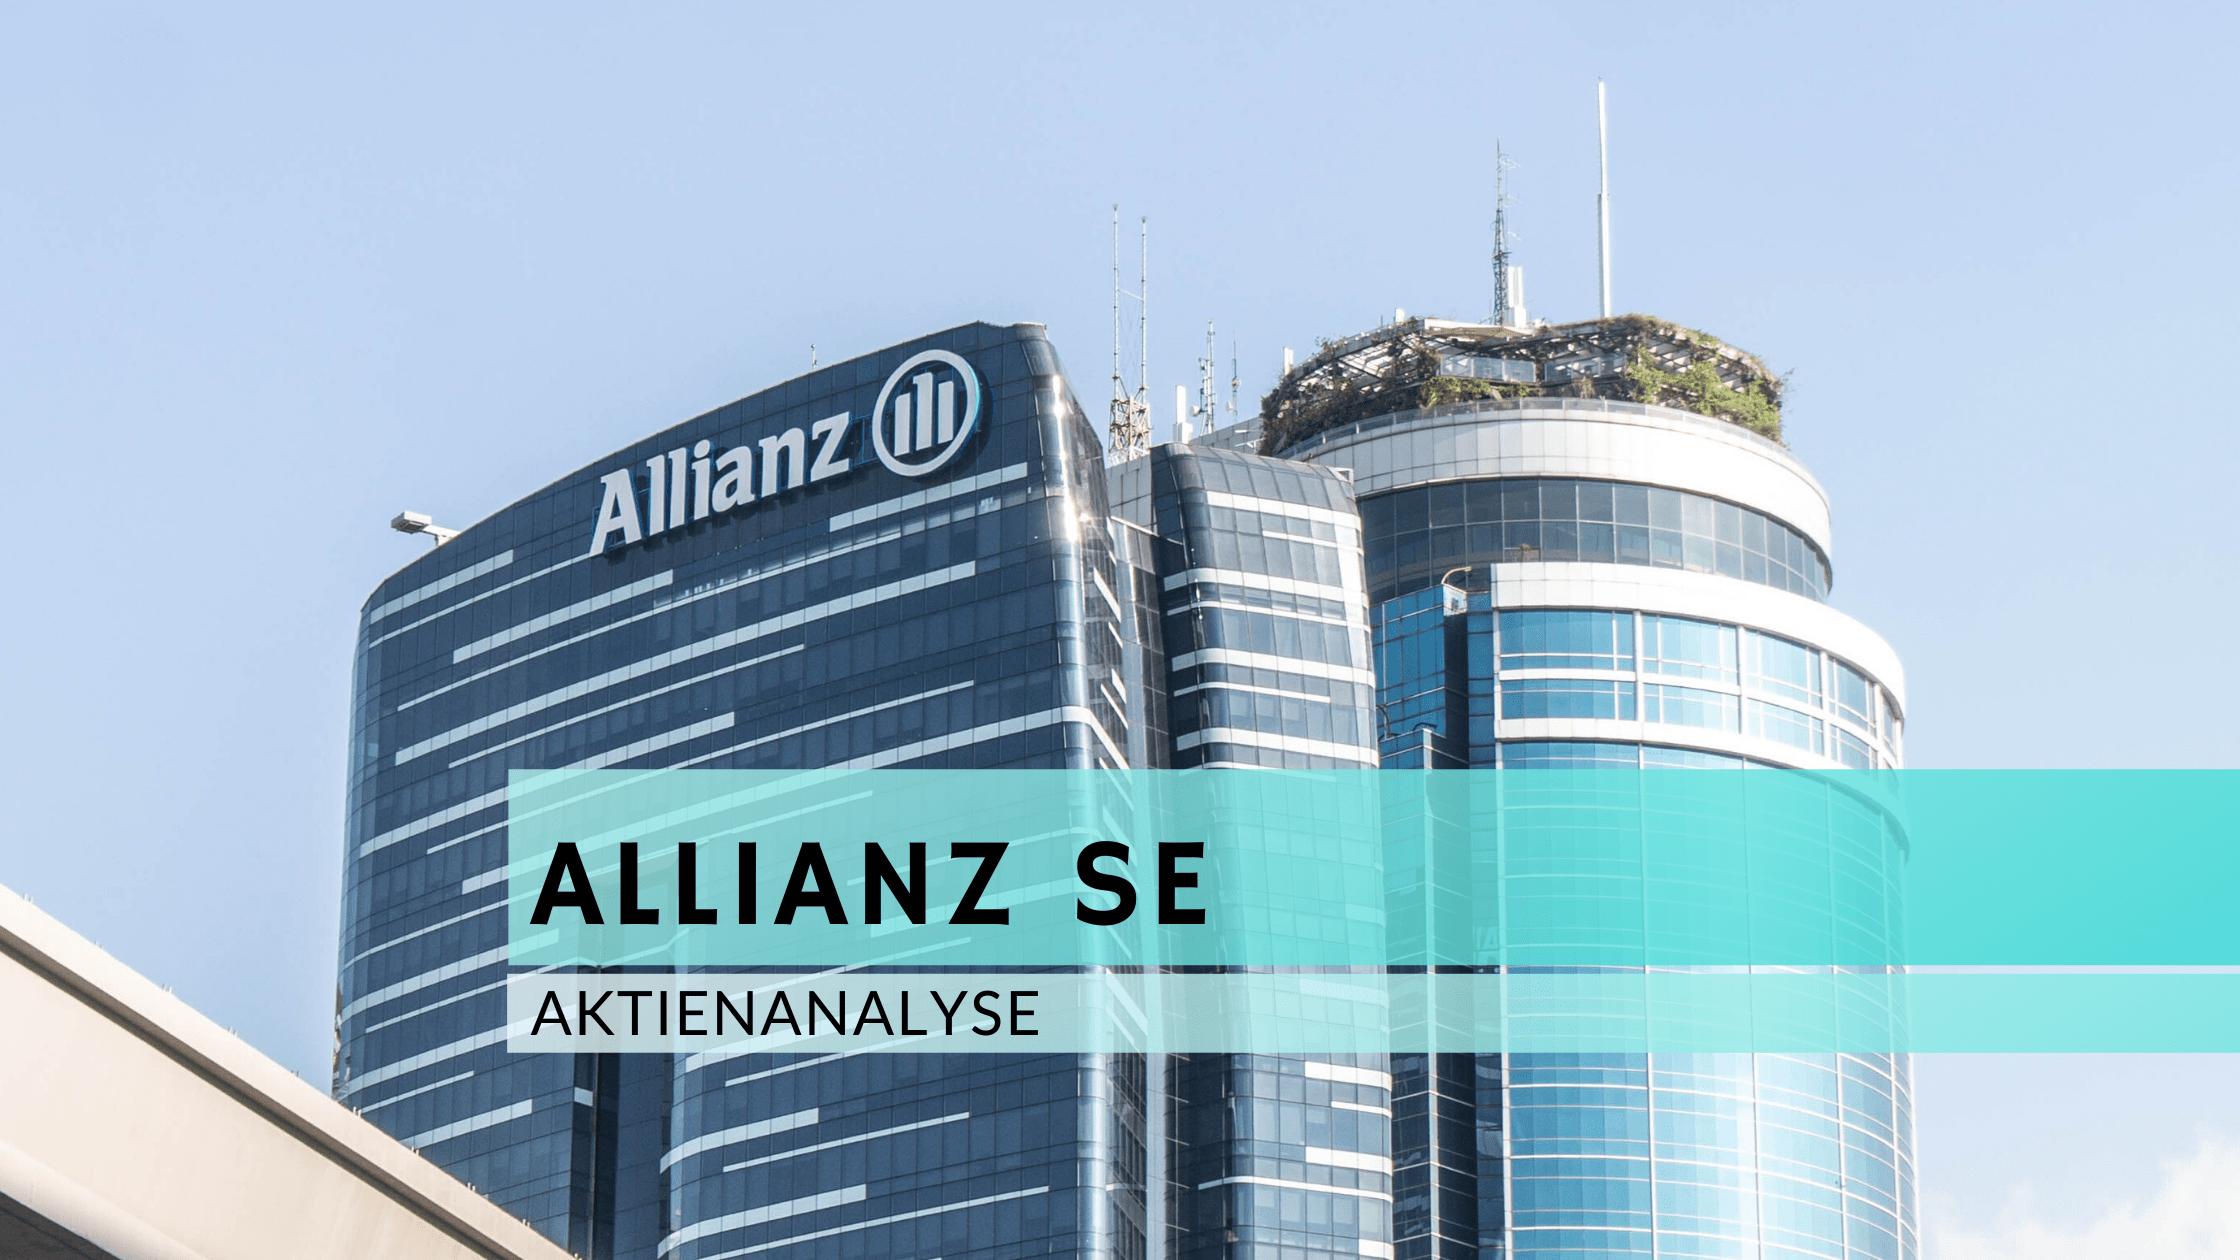 Allianz SE Aktienanalyse